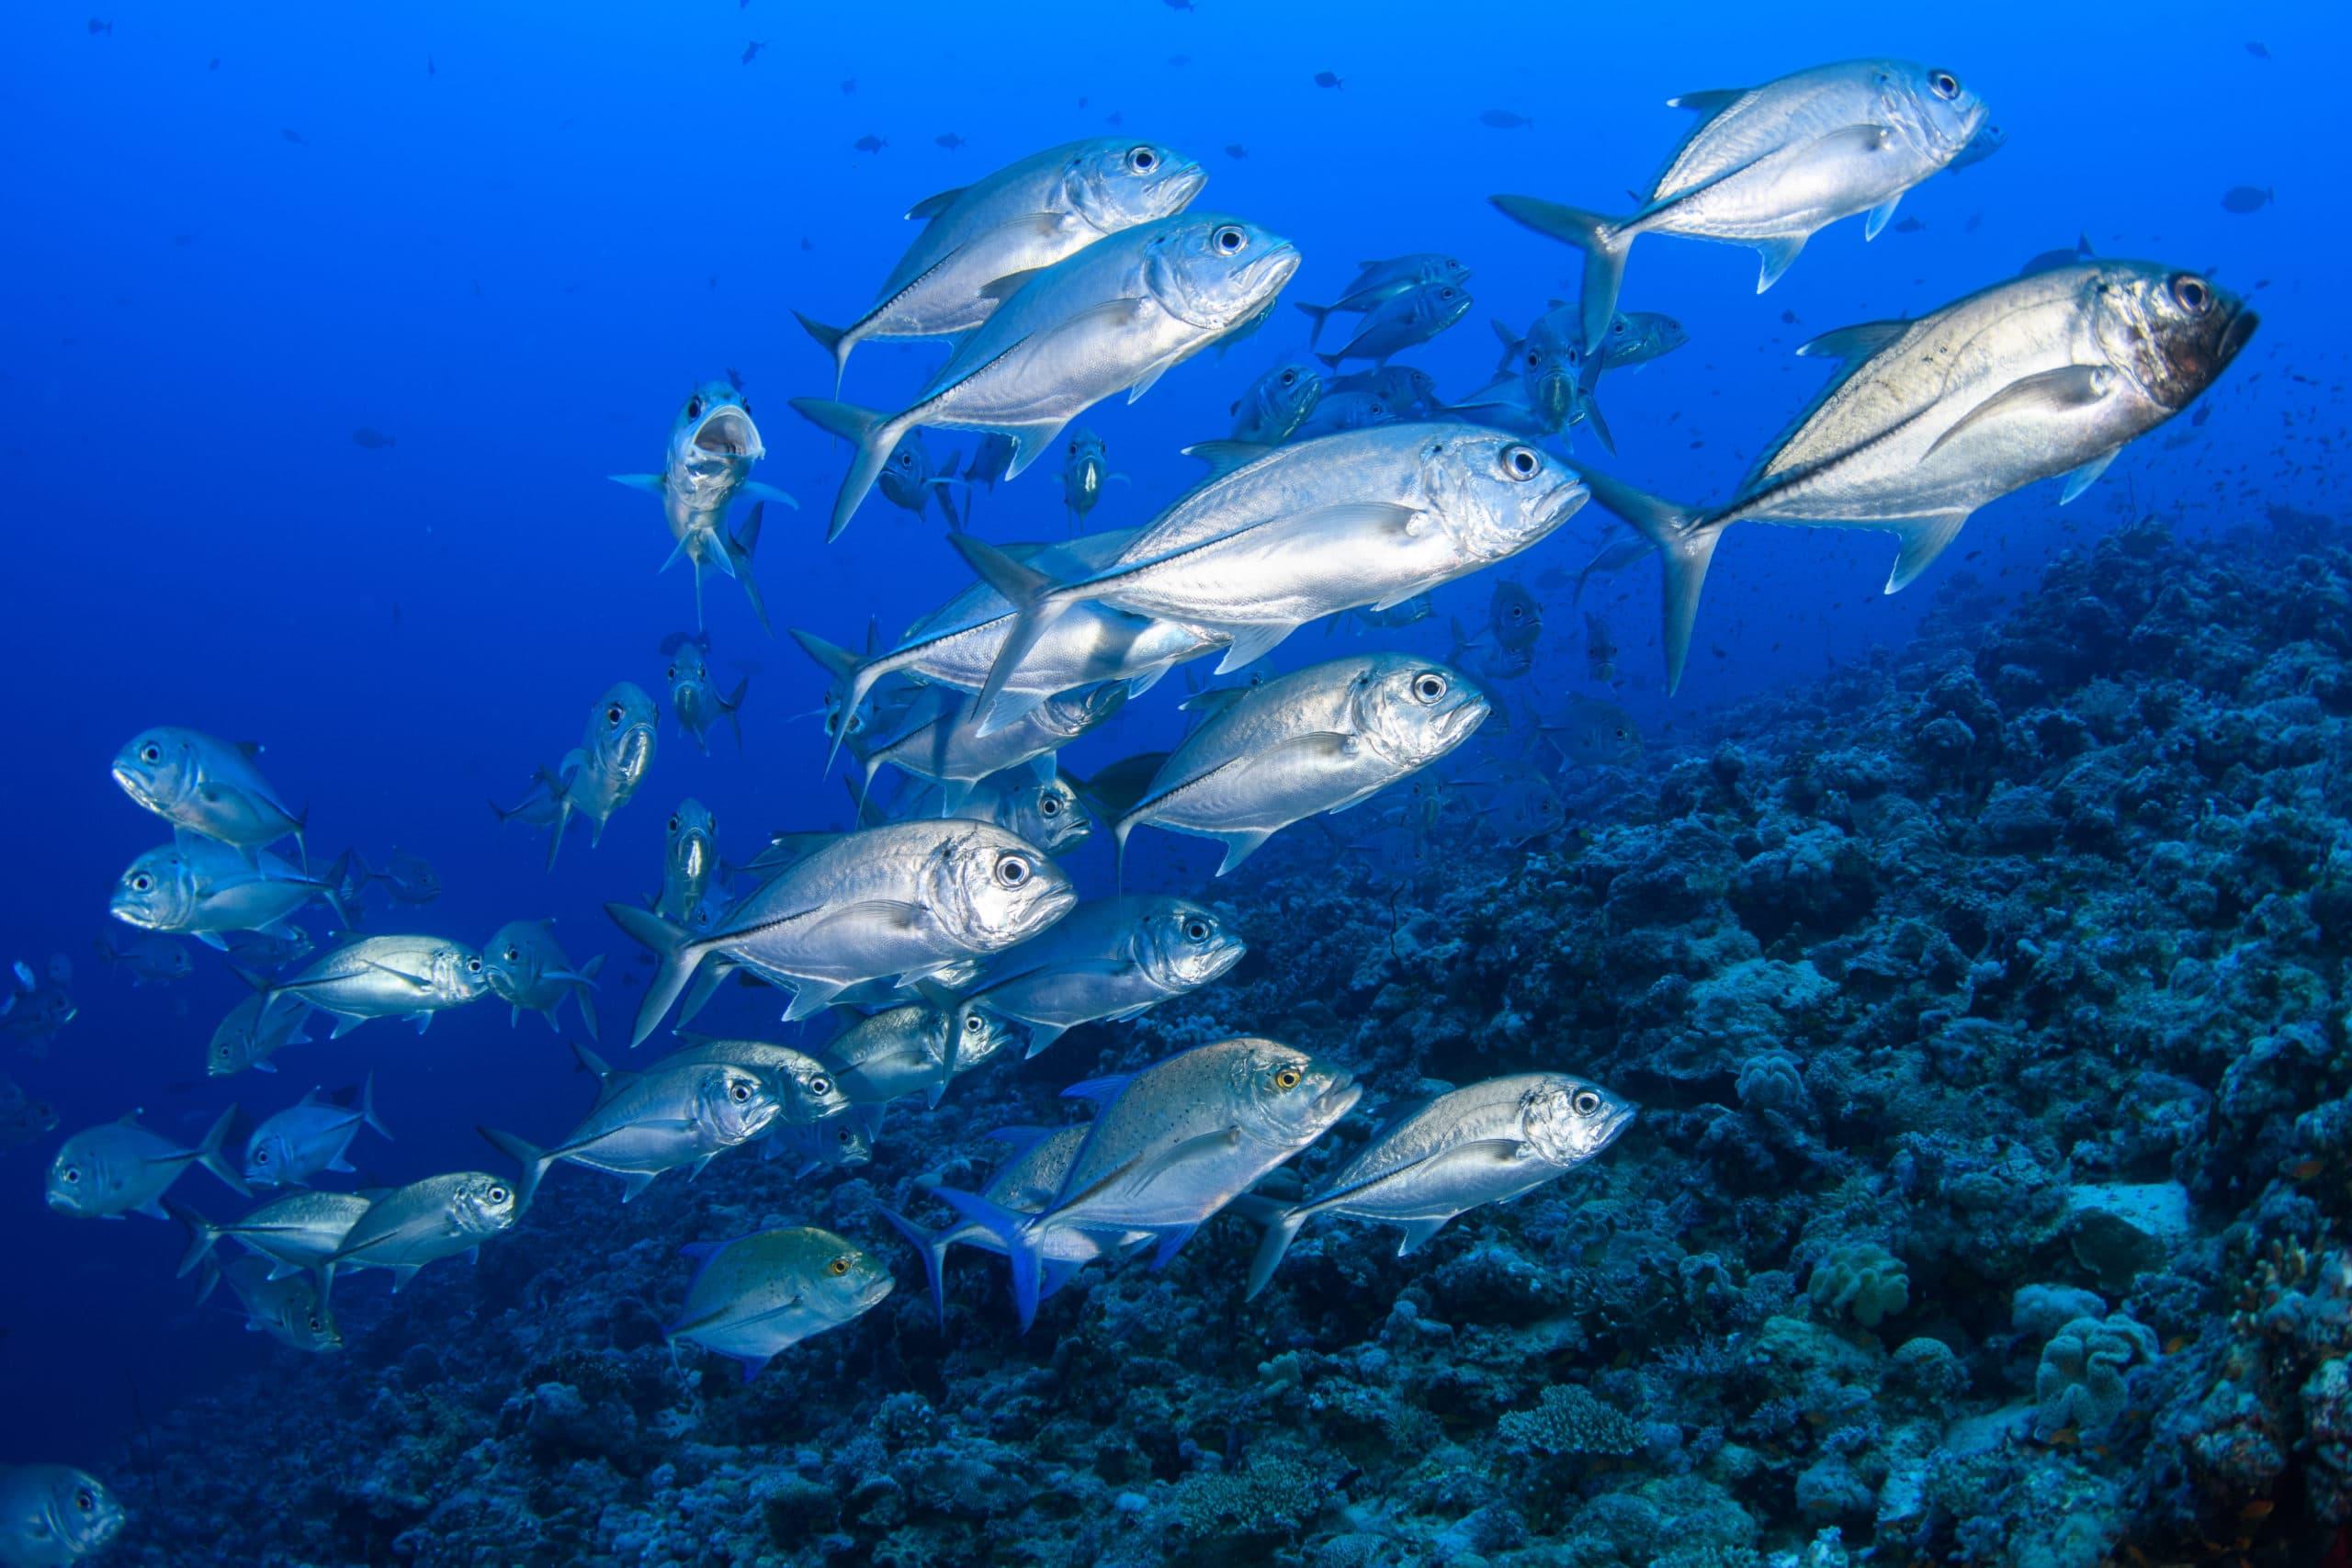 undersea shoal